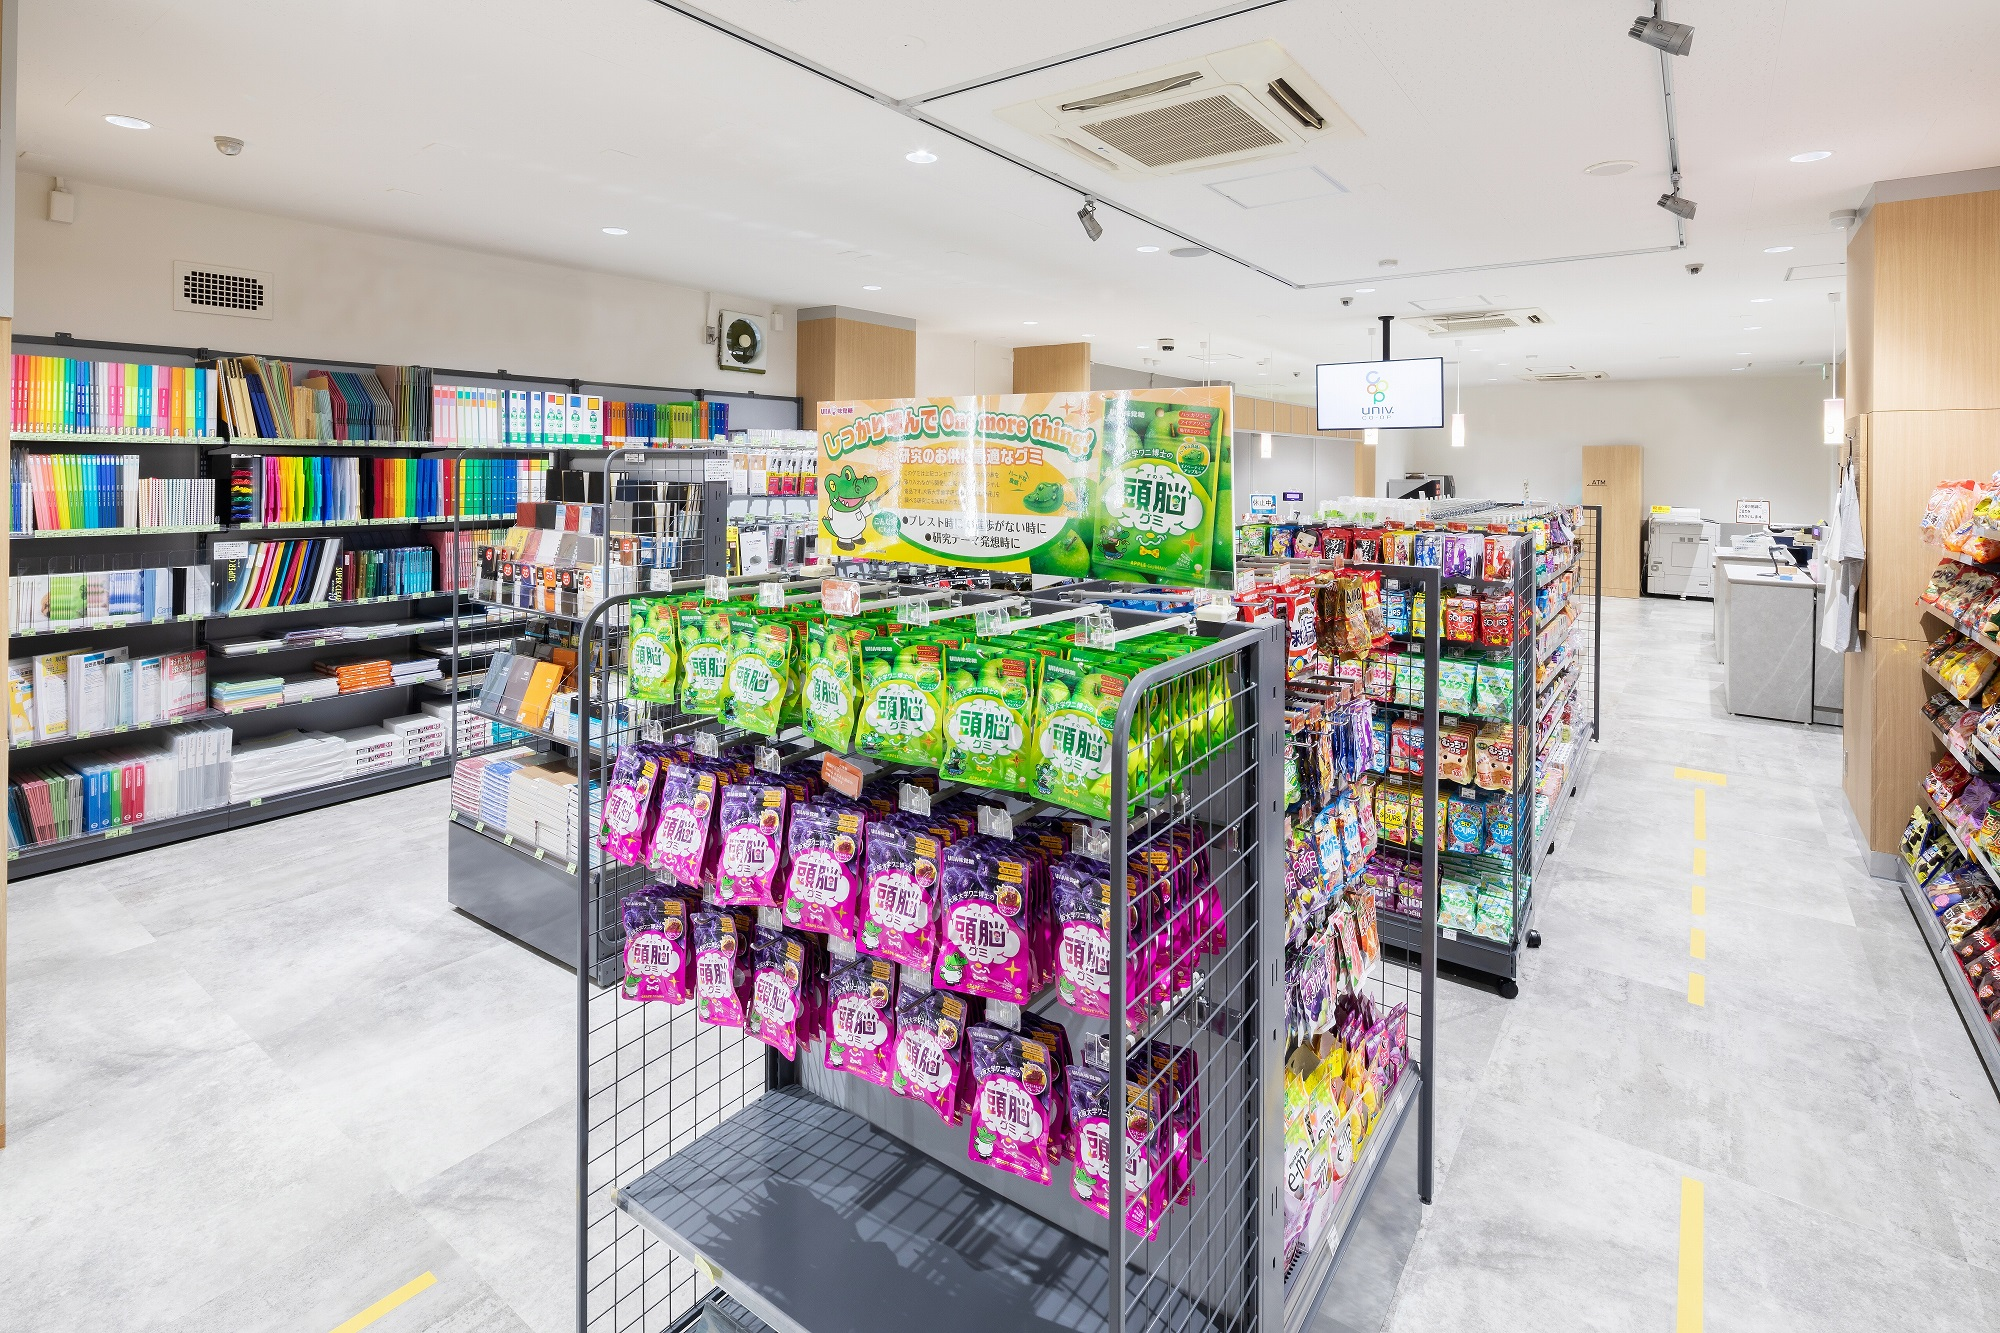 大阪大学 吹田キャンパス 購買部工学部店